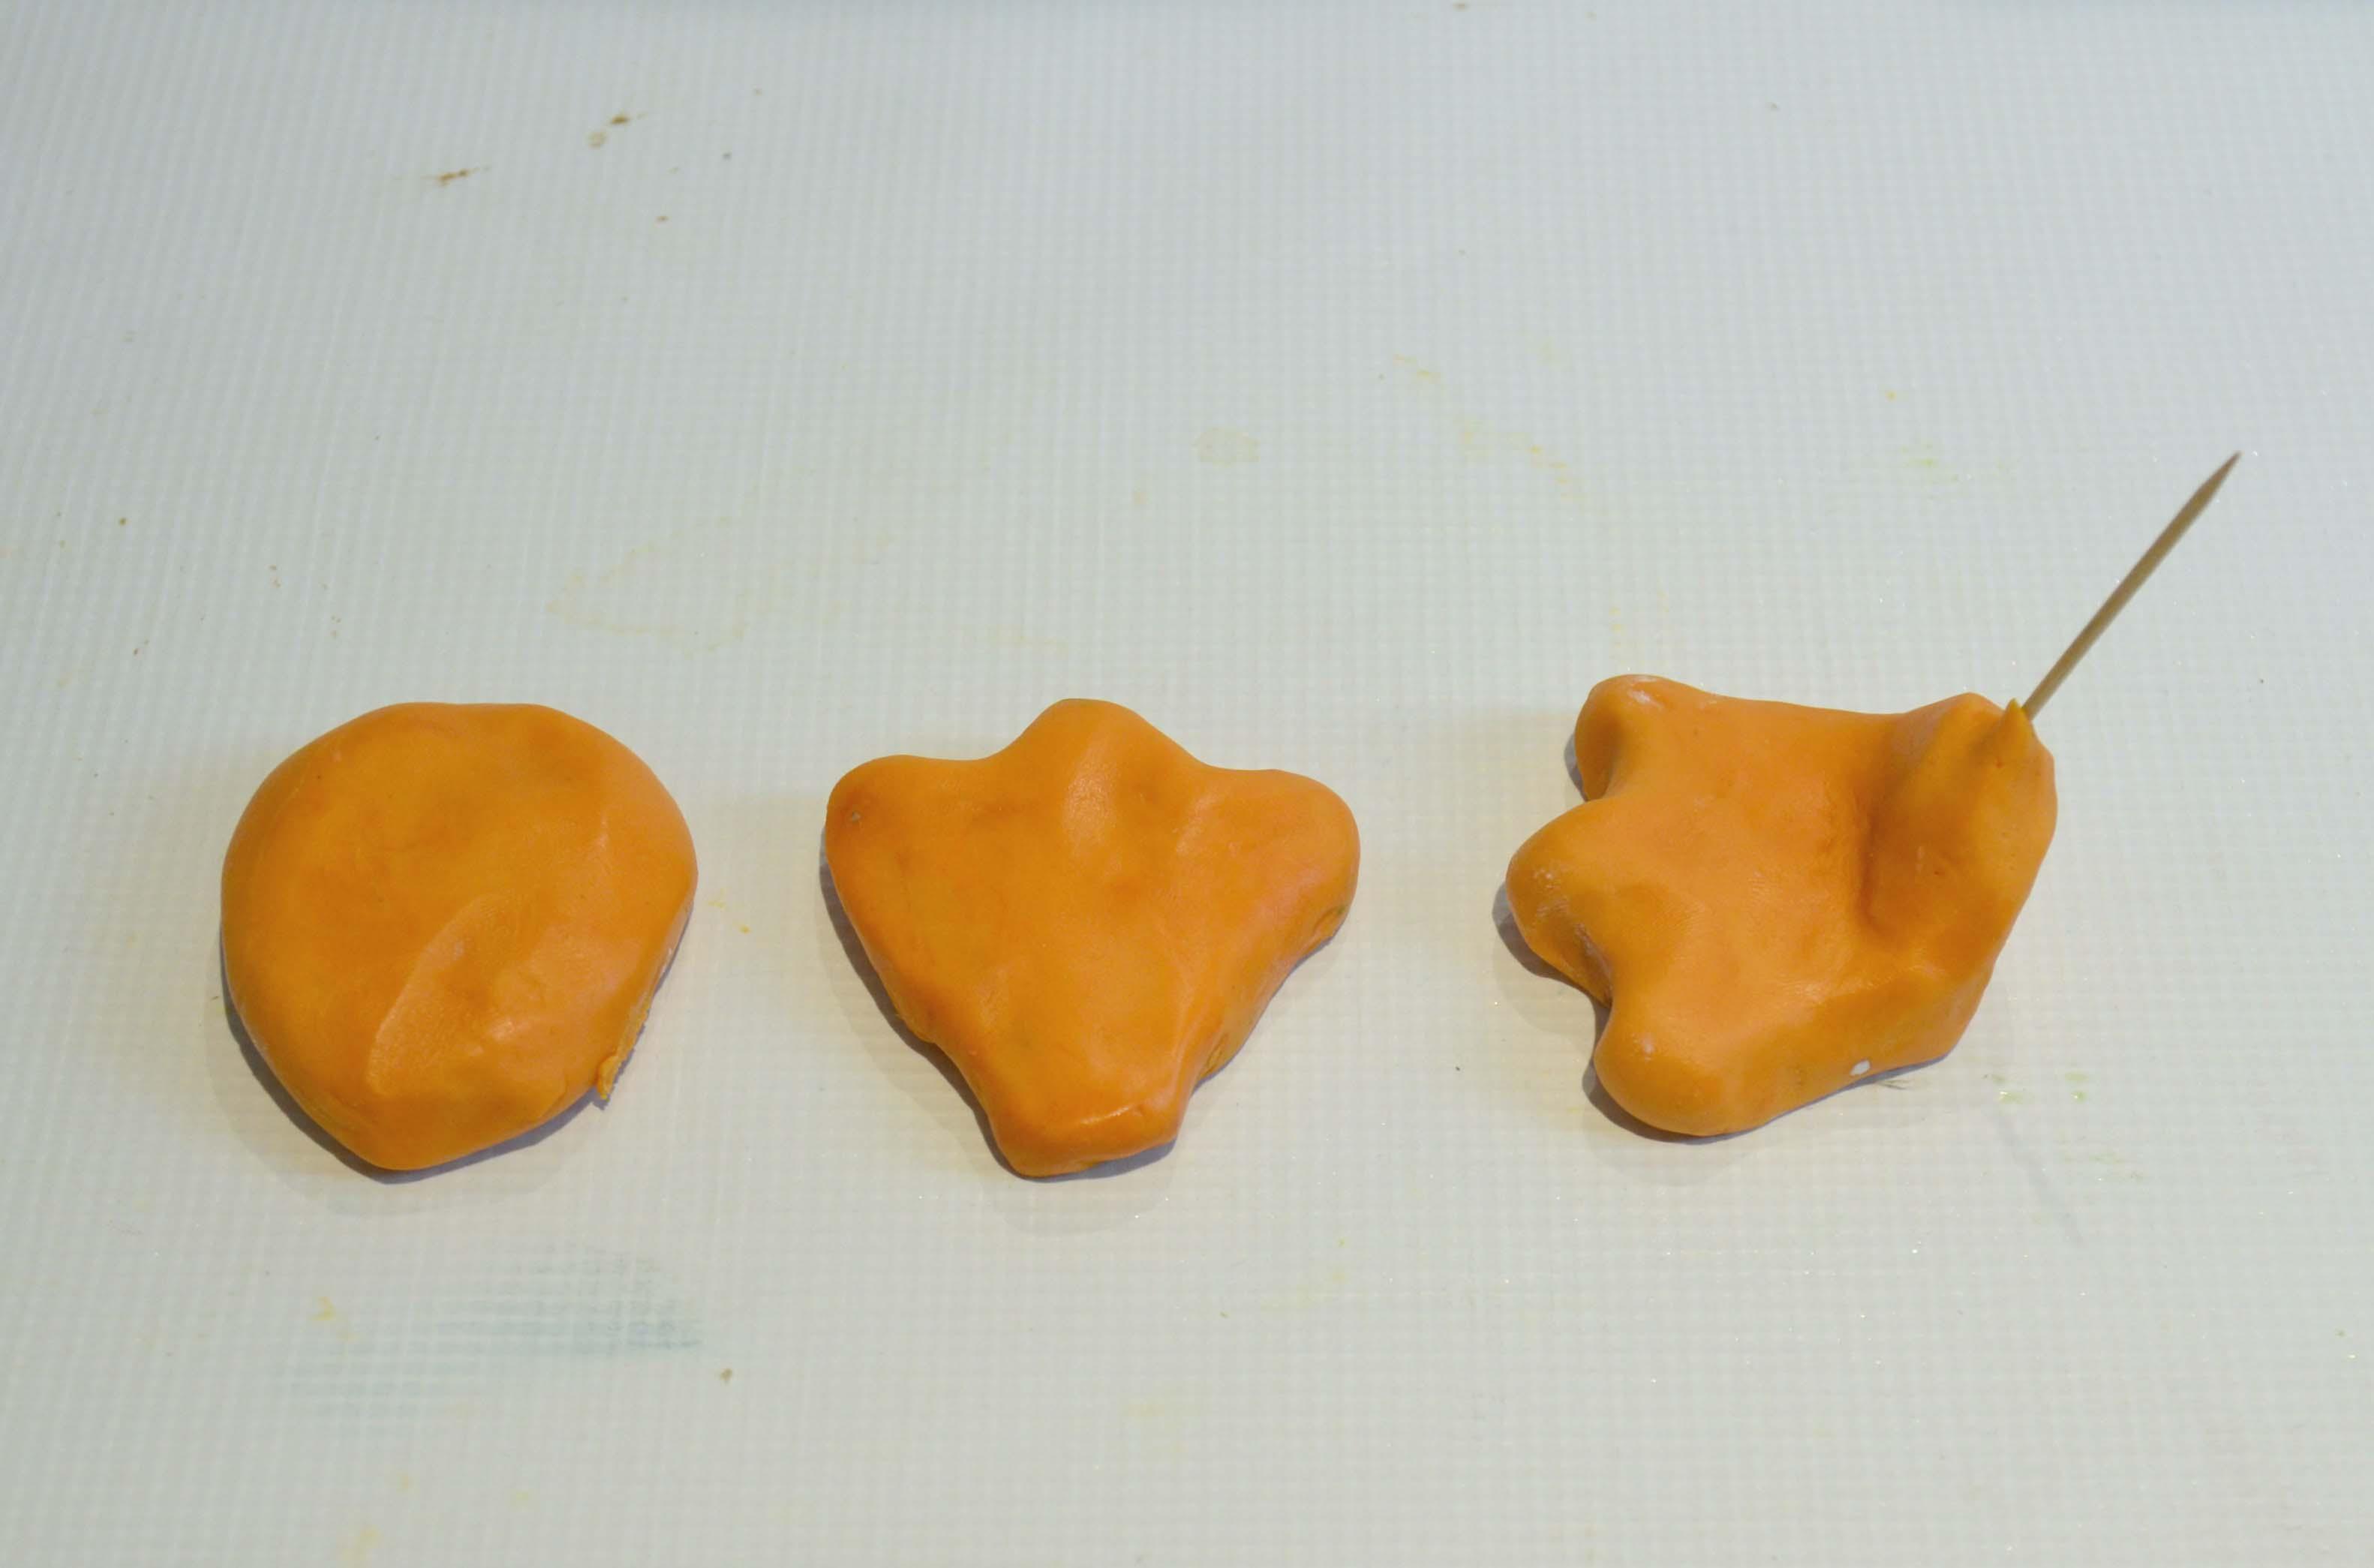 Creating two feet using orange sugarpaste